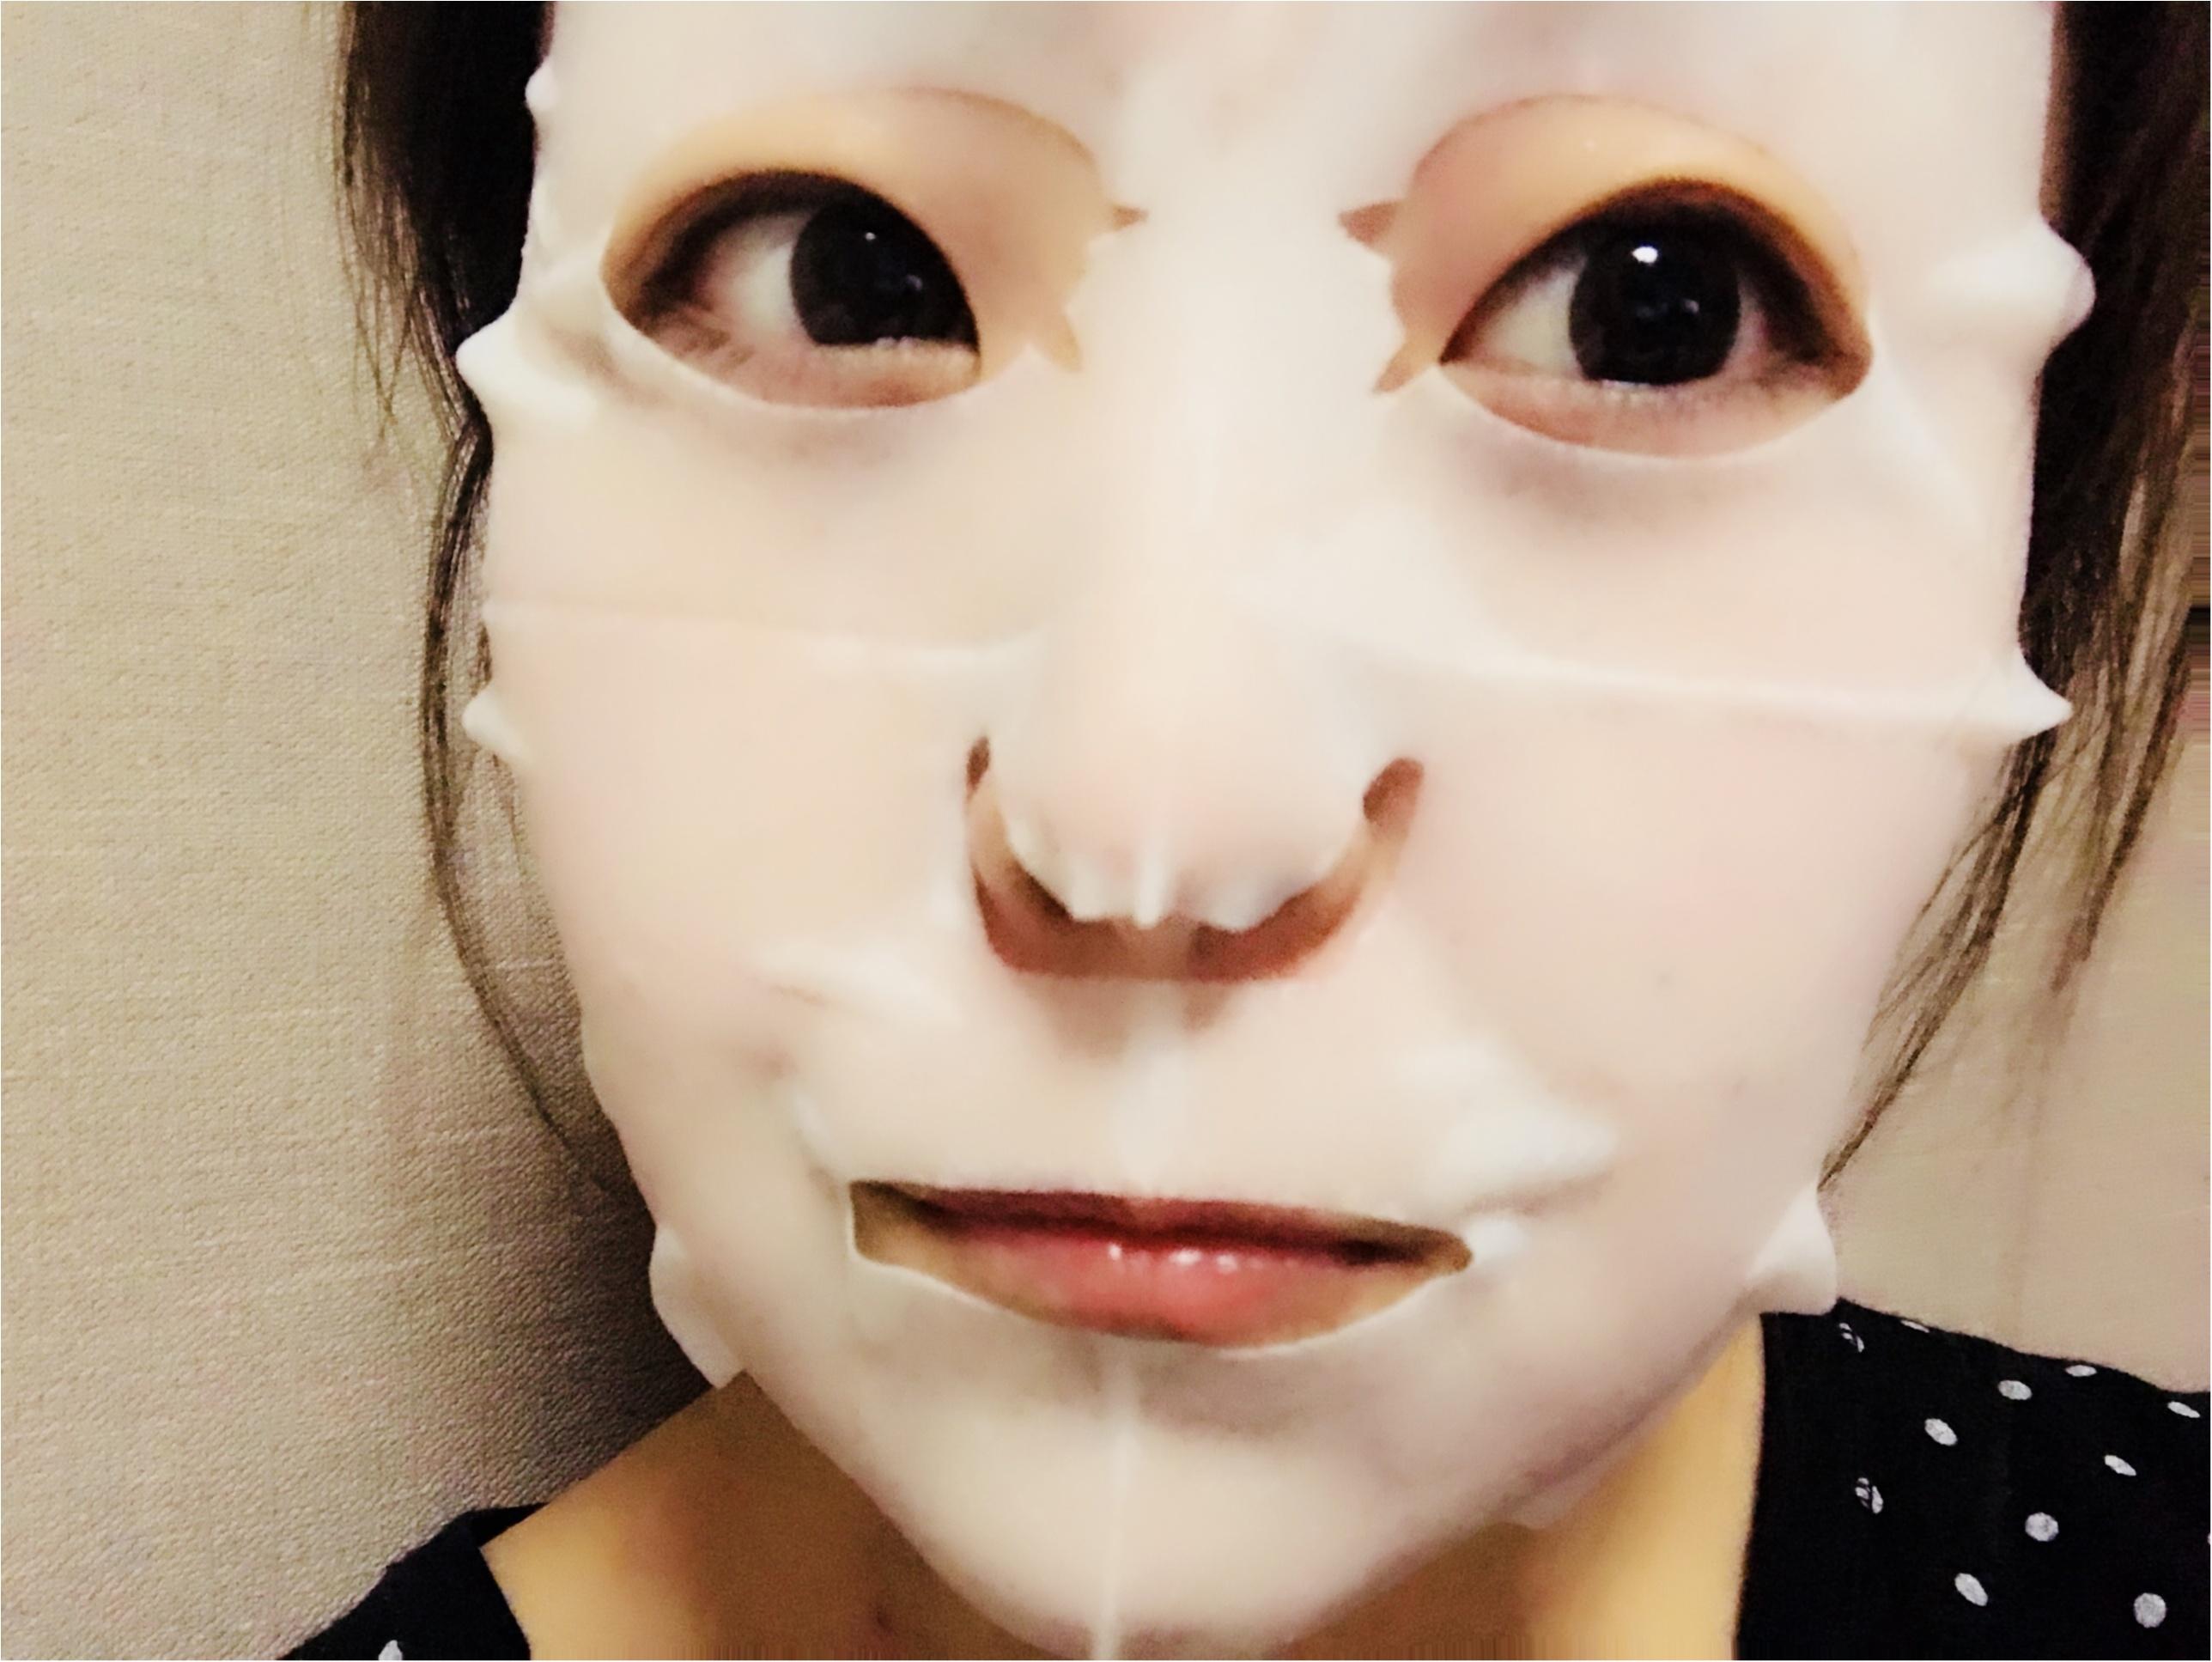 【朝パック】で抜群の化粧ノリ効果!!洗顔+スキンケア+保湿下地が《たった60秒》でできる《目ざまシート》がすごい♡♡_3